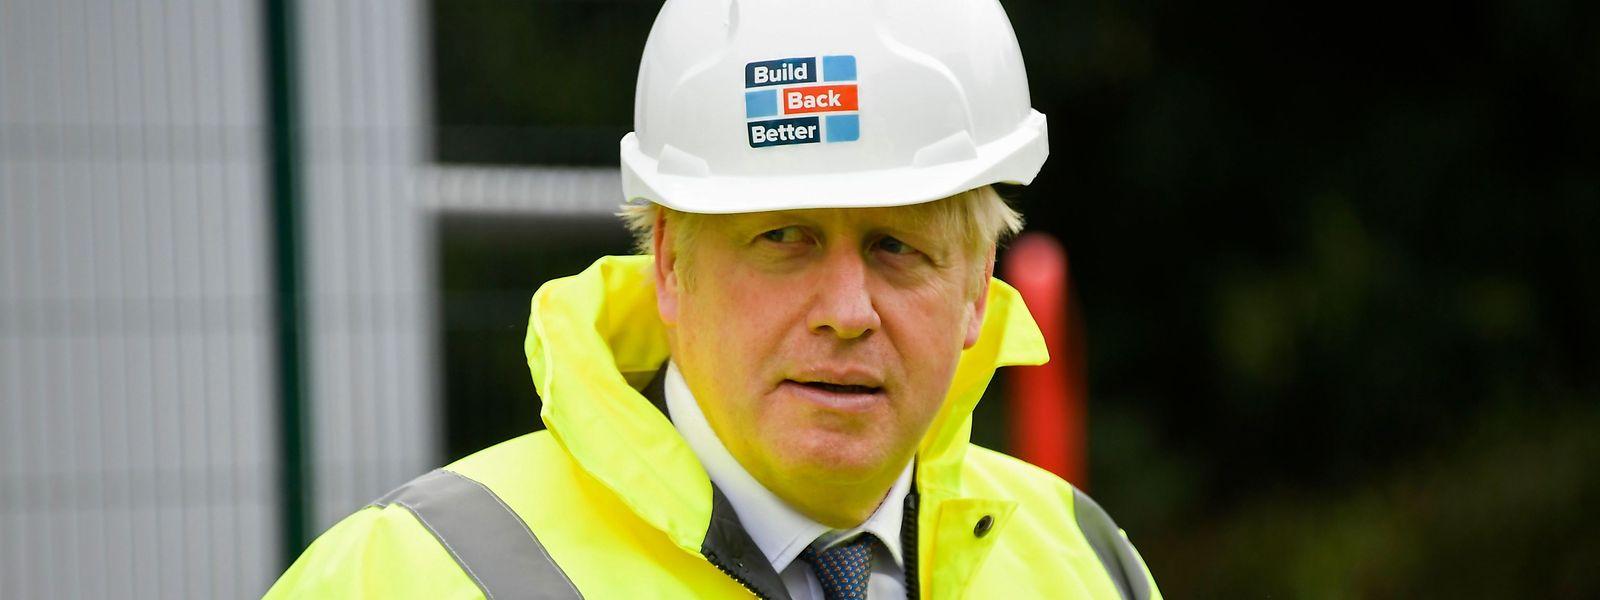 Mittlerweile halten viele Briten Premierminister Boris Johnson für überfordert.